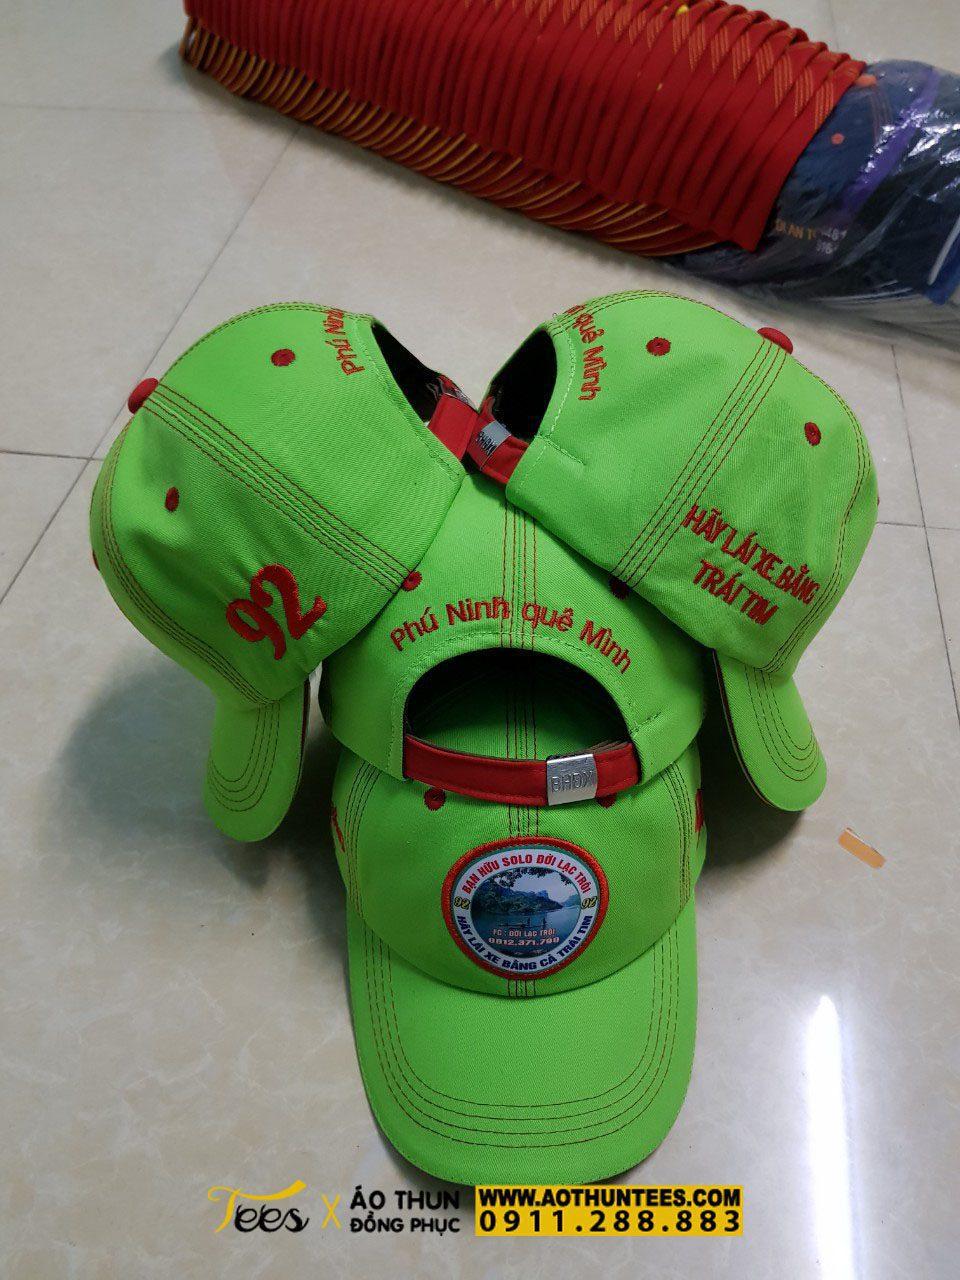 cdcf8bcee9180e465709 - Giới thiệu về đồng phục nón